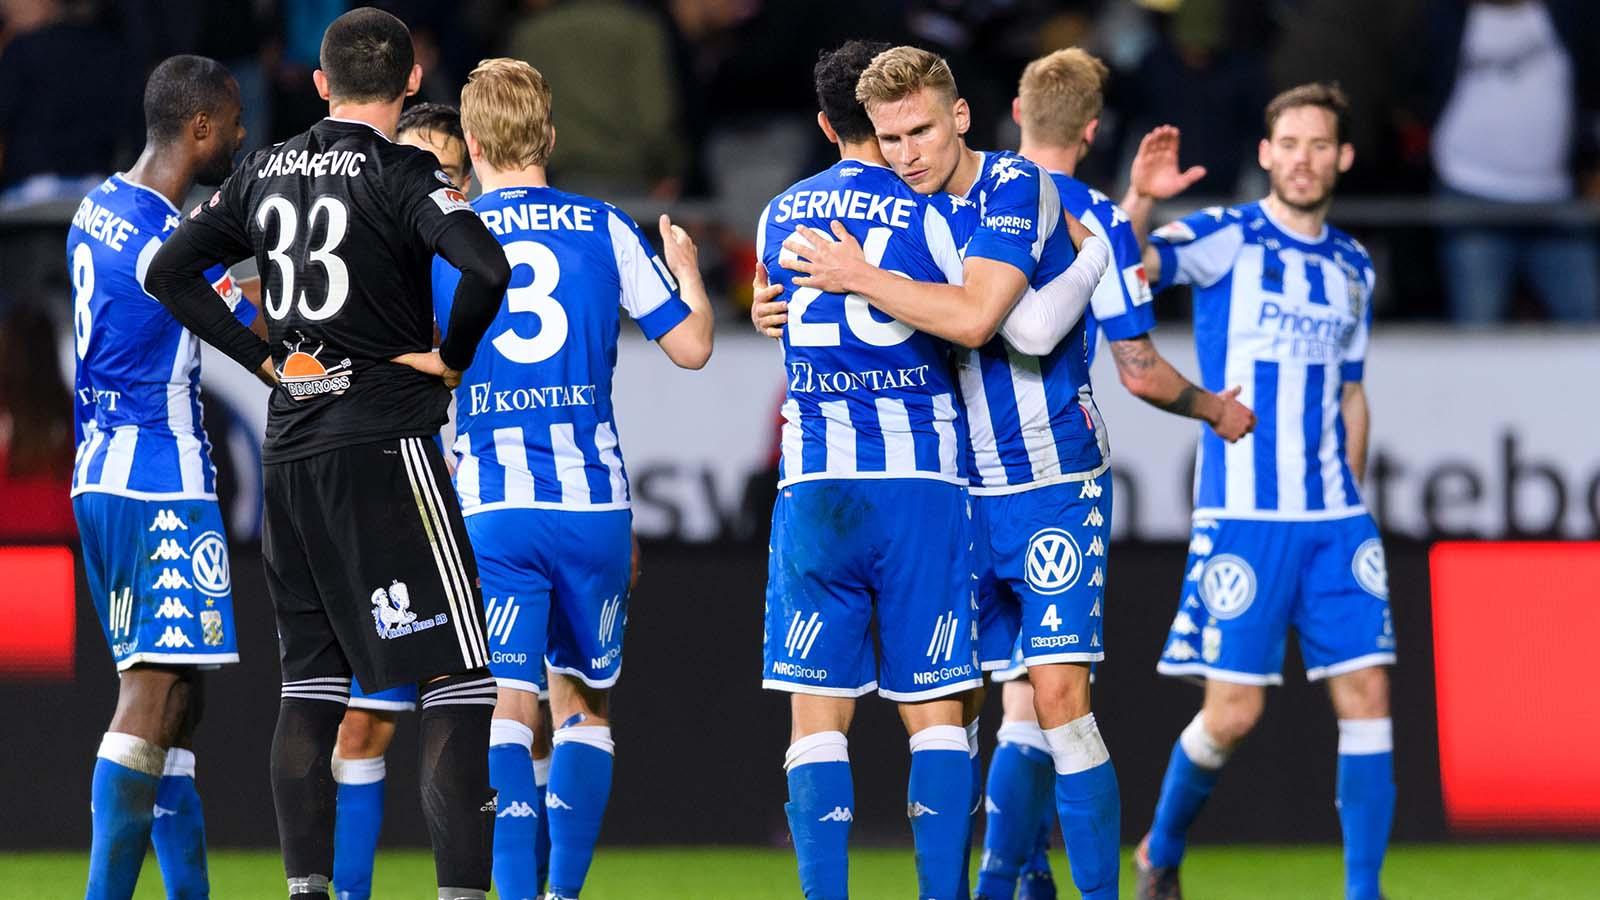 180419 IFK Göteborgs Carl Starfelt jublar efter fotbollsmatchen i Allsvenskan mellan IFK Göteborg och Dalkurd den 19 april 2018 i Göteborg. Foto: Carl Sandin / BILDBYRÅN / kod CS / 57999_340